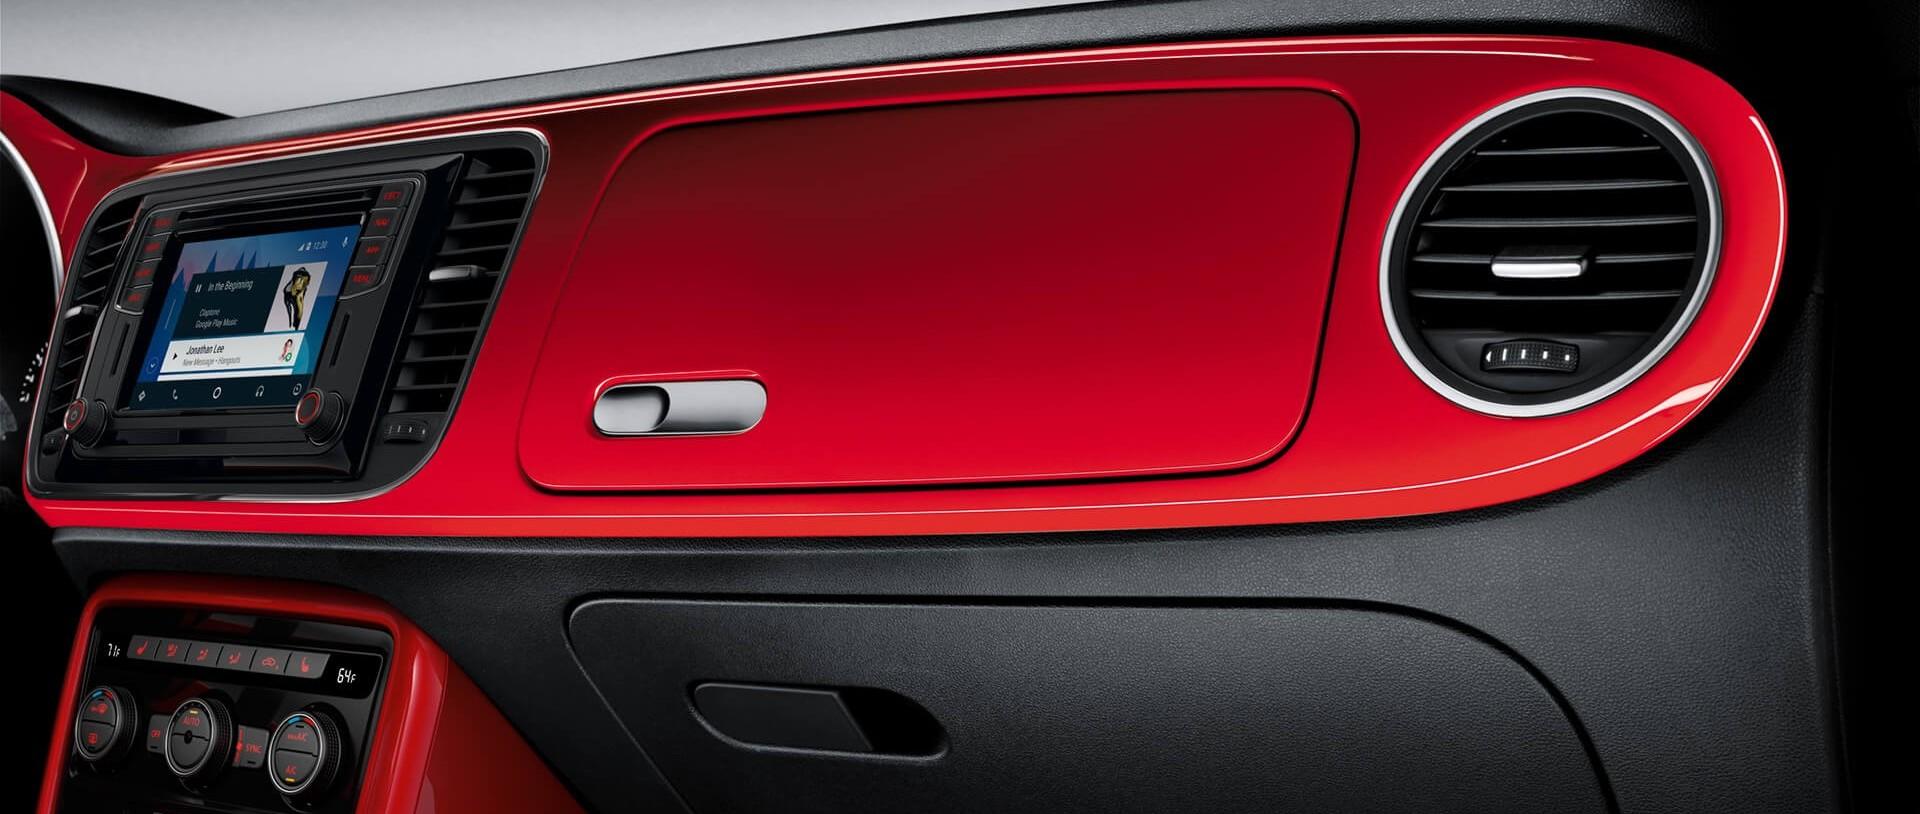 La guantera es uno de los detalles retro que juega en armonía con la apariencia también moderna del Beetle.